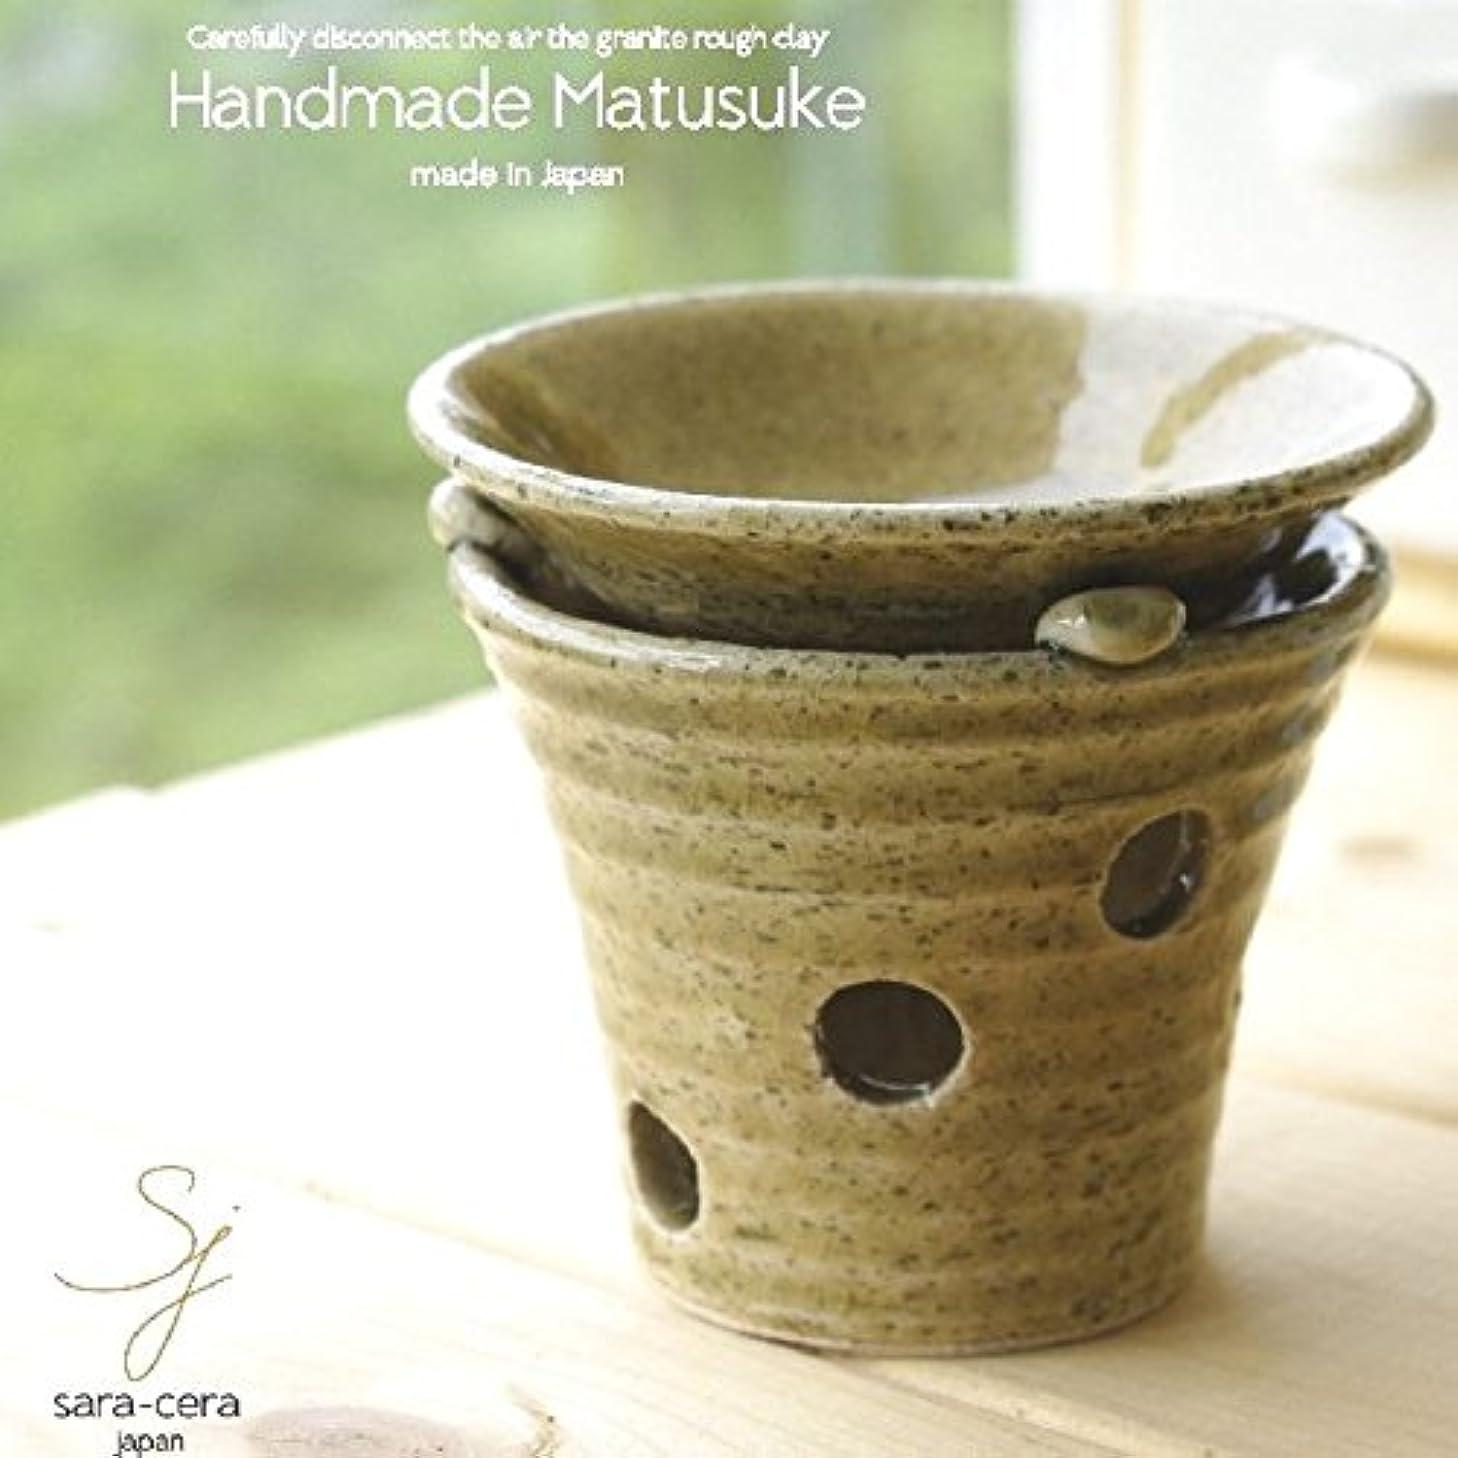 バレーボール時間とともに相対サイズ松助窯 手作り茶香炉セット 灰釉ビードロ アロマ 和風 陶器 手づくり 日本製 美濃焼